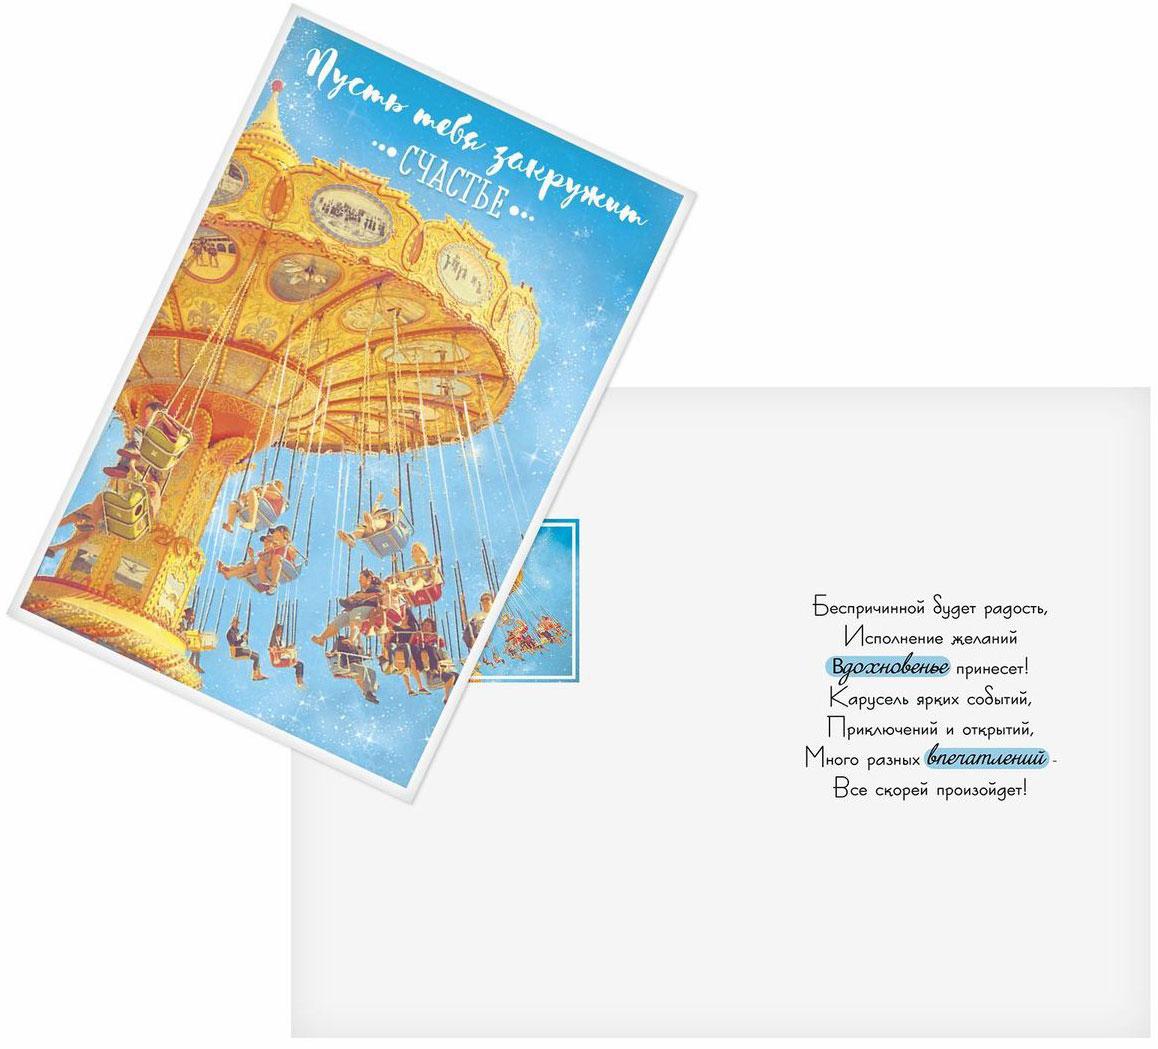 Открытка Дарите cчастье Карусель счастья, 12 х 18 см74-0120Атмосферу праздника создают детали: свечи, цветы, бокалы, воздушные шары и поздравительные открытки — яркие и весёлые, романтичные и нежные, милые и трогательные. Расскажите о своих чувствах дорогому для вас человеку, поделитесь радостью с близкими и друзьями. Открытка с креативным дизайном вам в этом поможет.